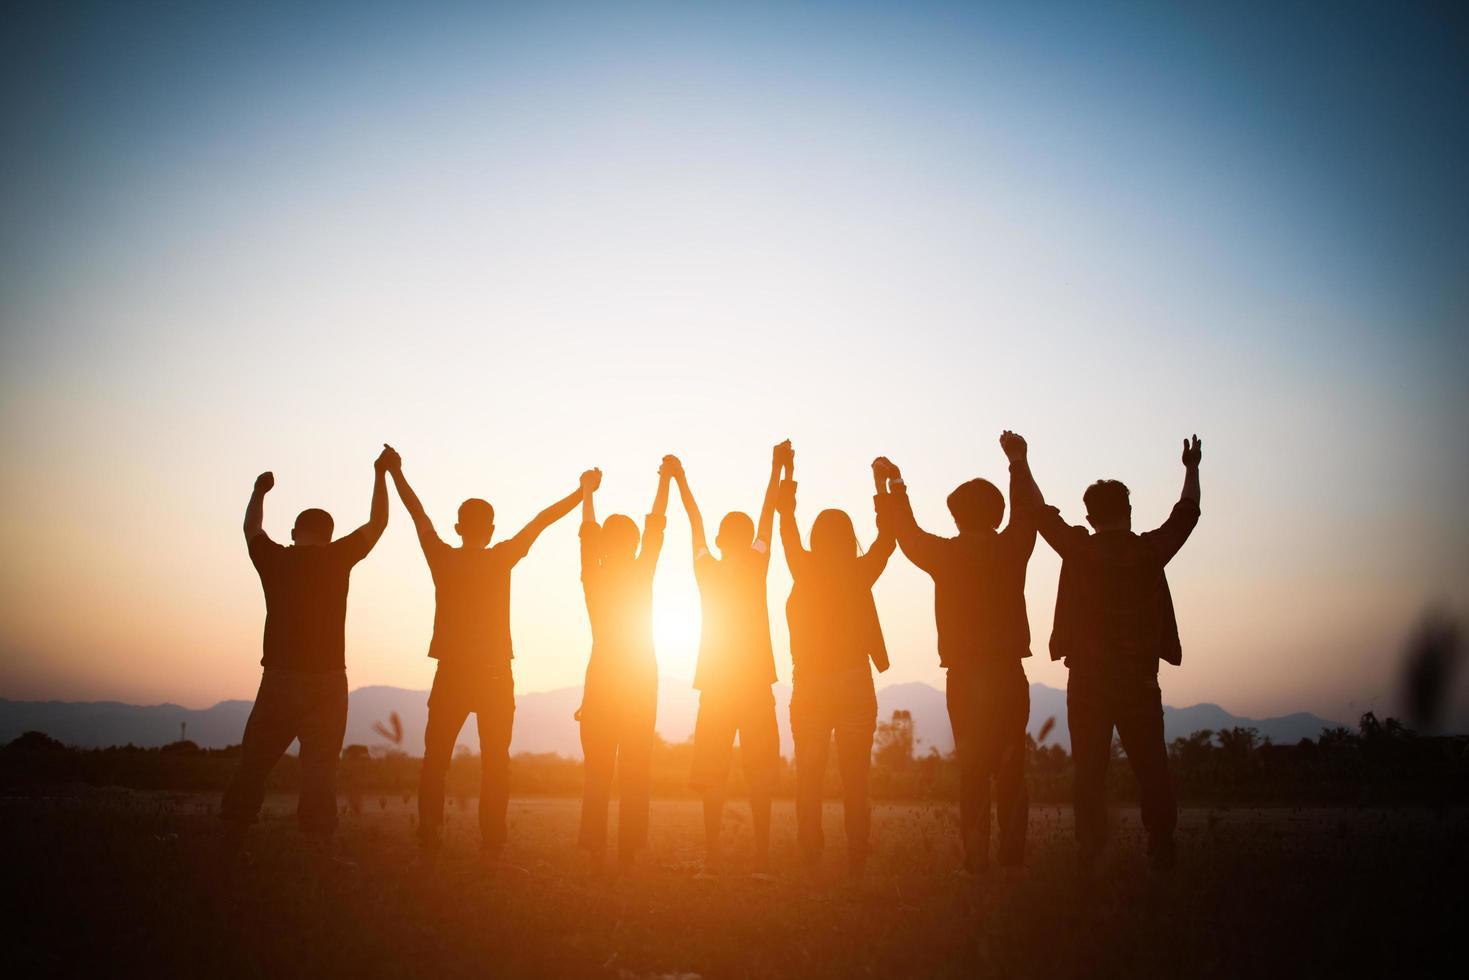 silueta de equipo feliz haciendo manos altas foto